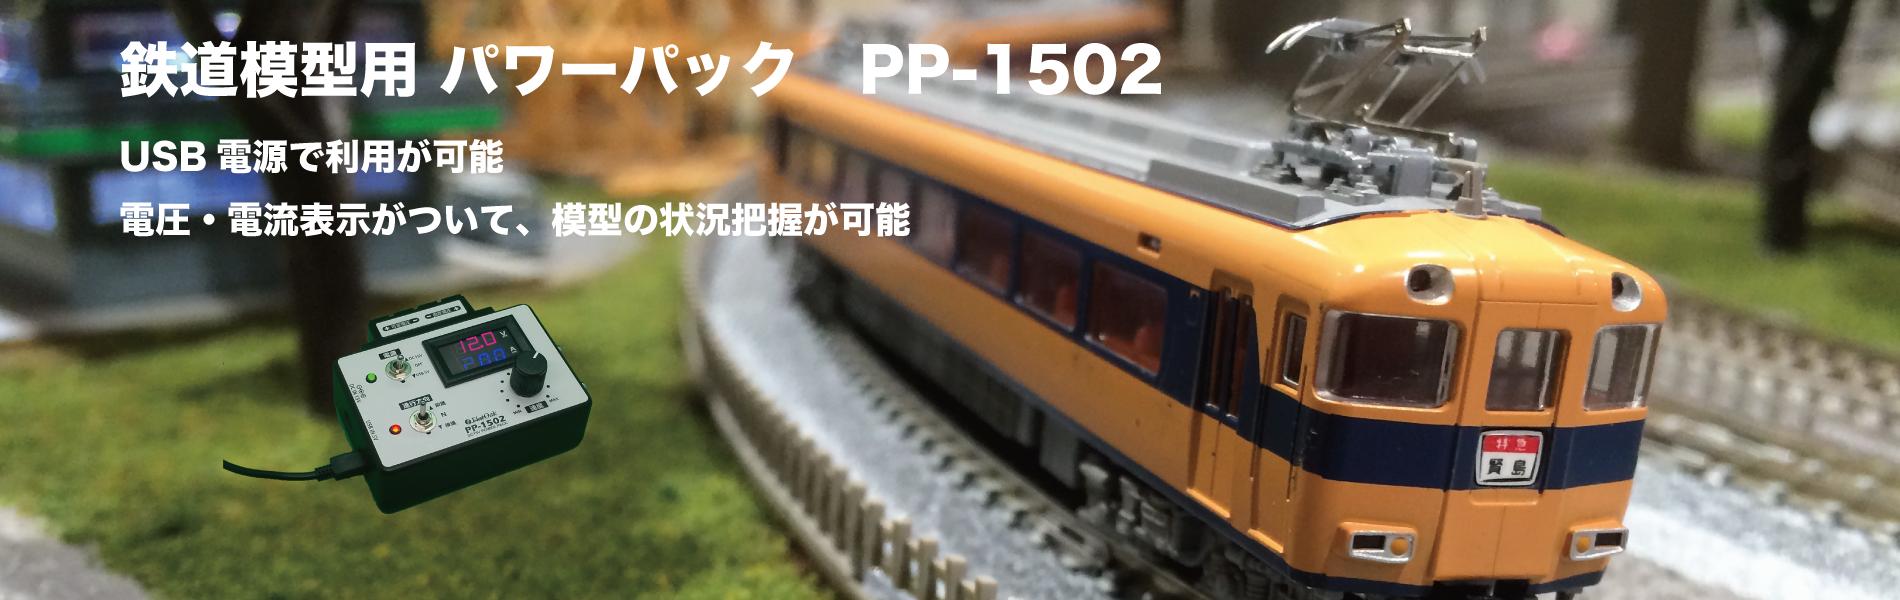 鉄道模型用パワーパック(PP-1502)